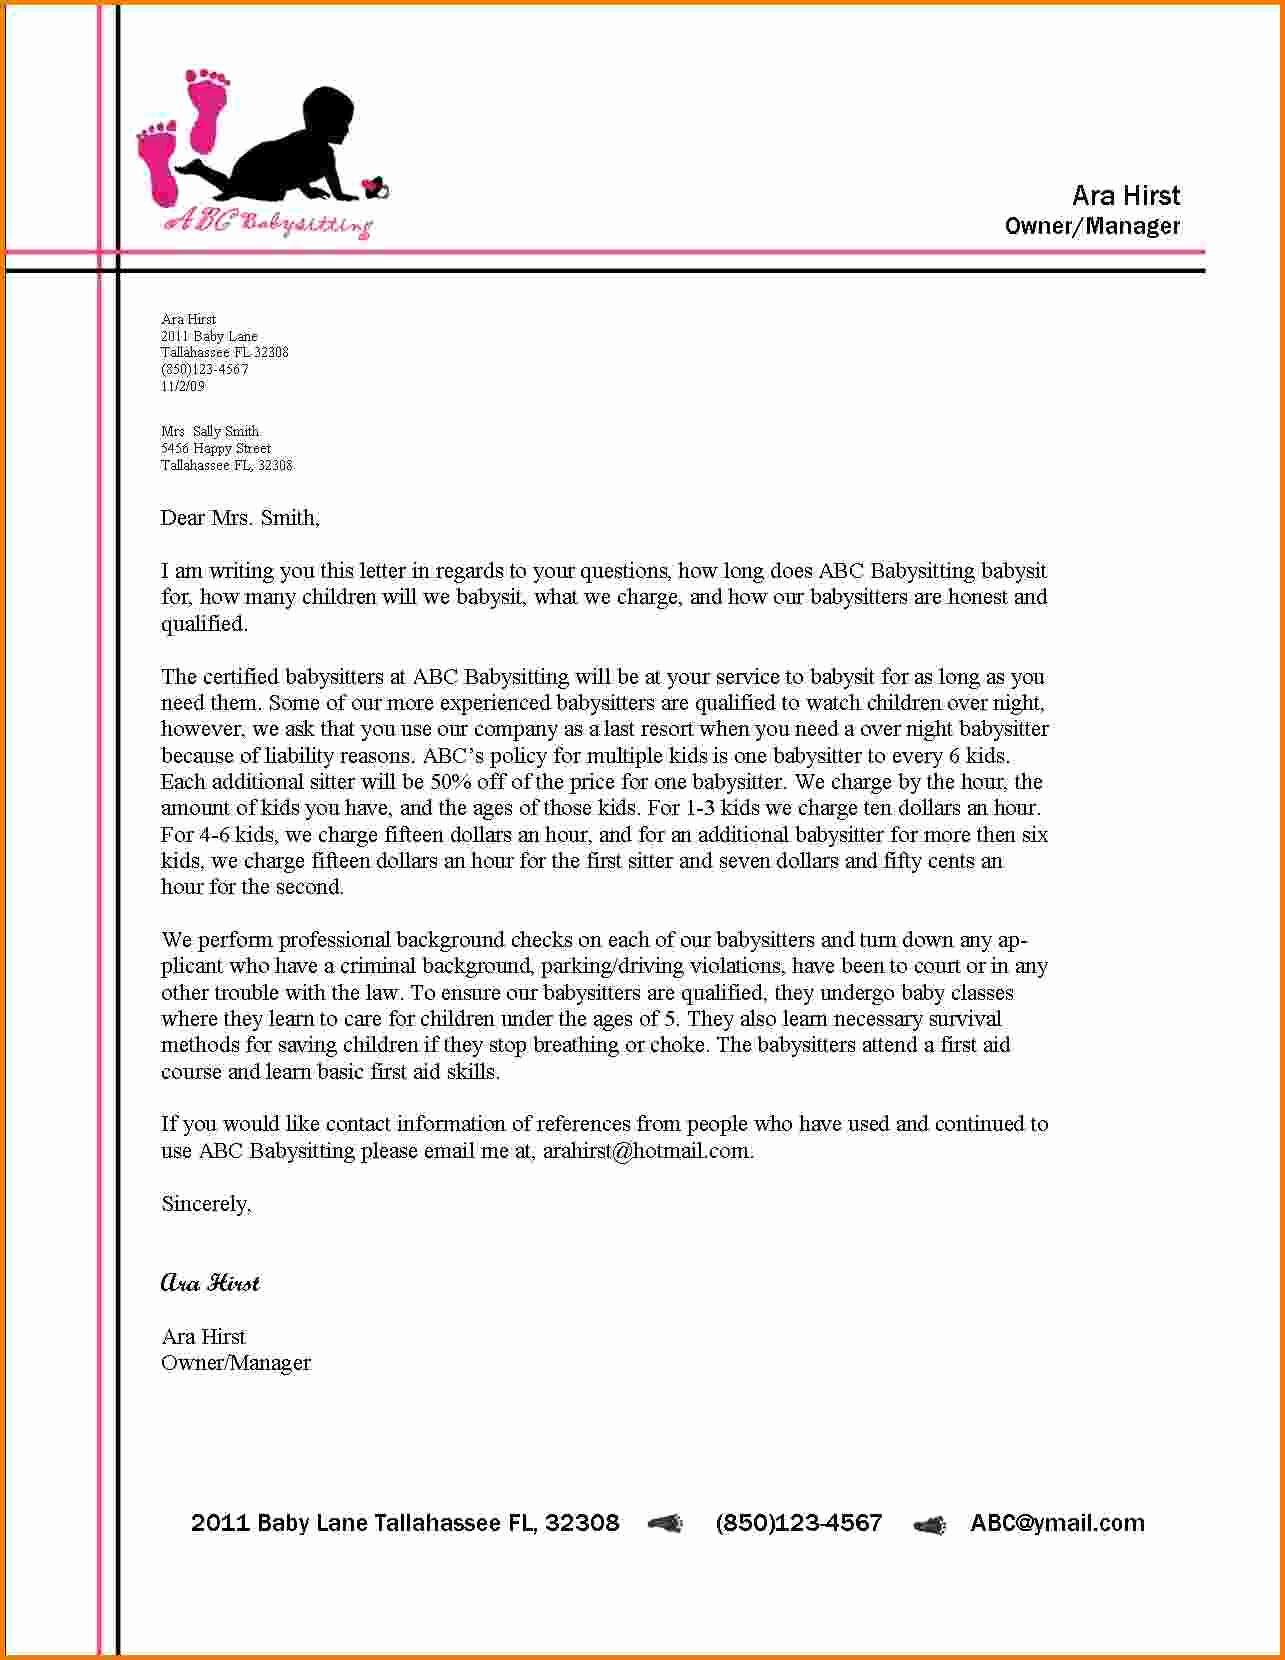 Formal Business Letter format Template Elegant 8 formal Letter format with Letterhead